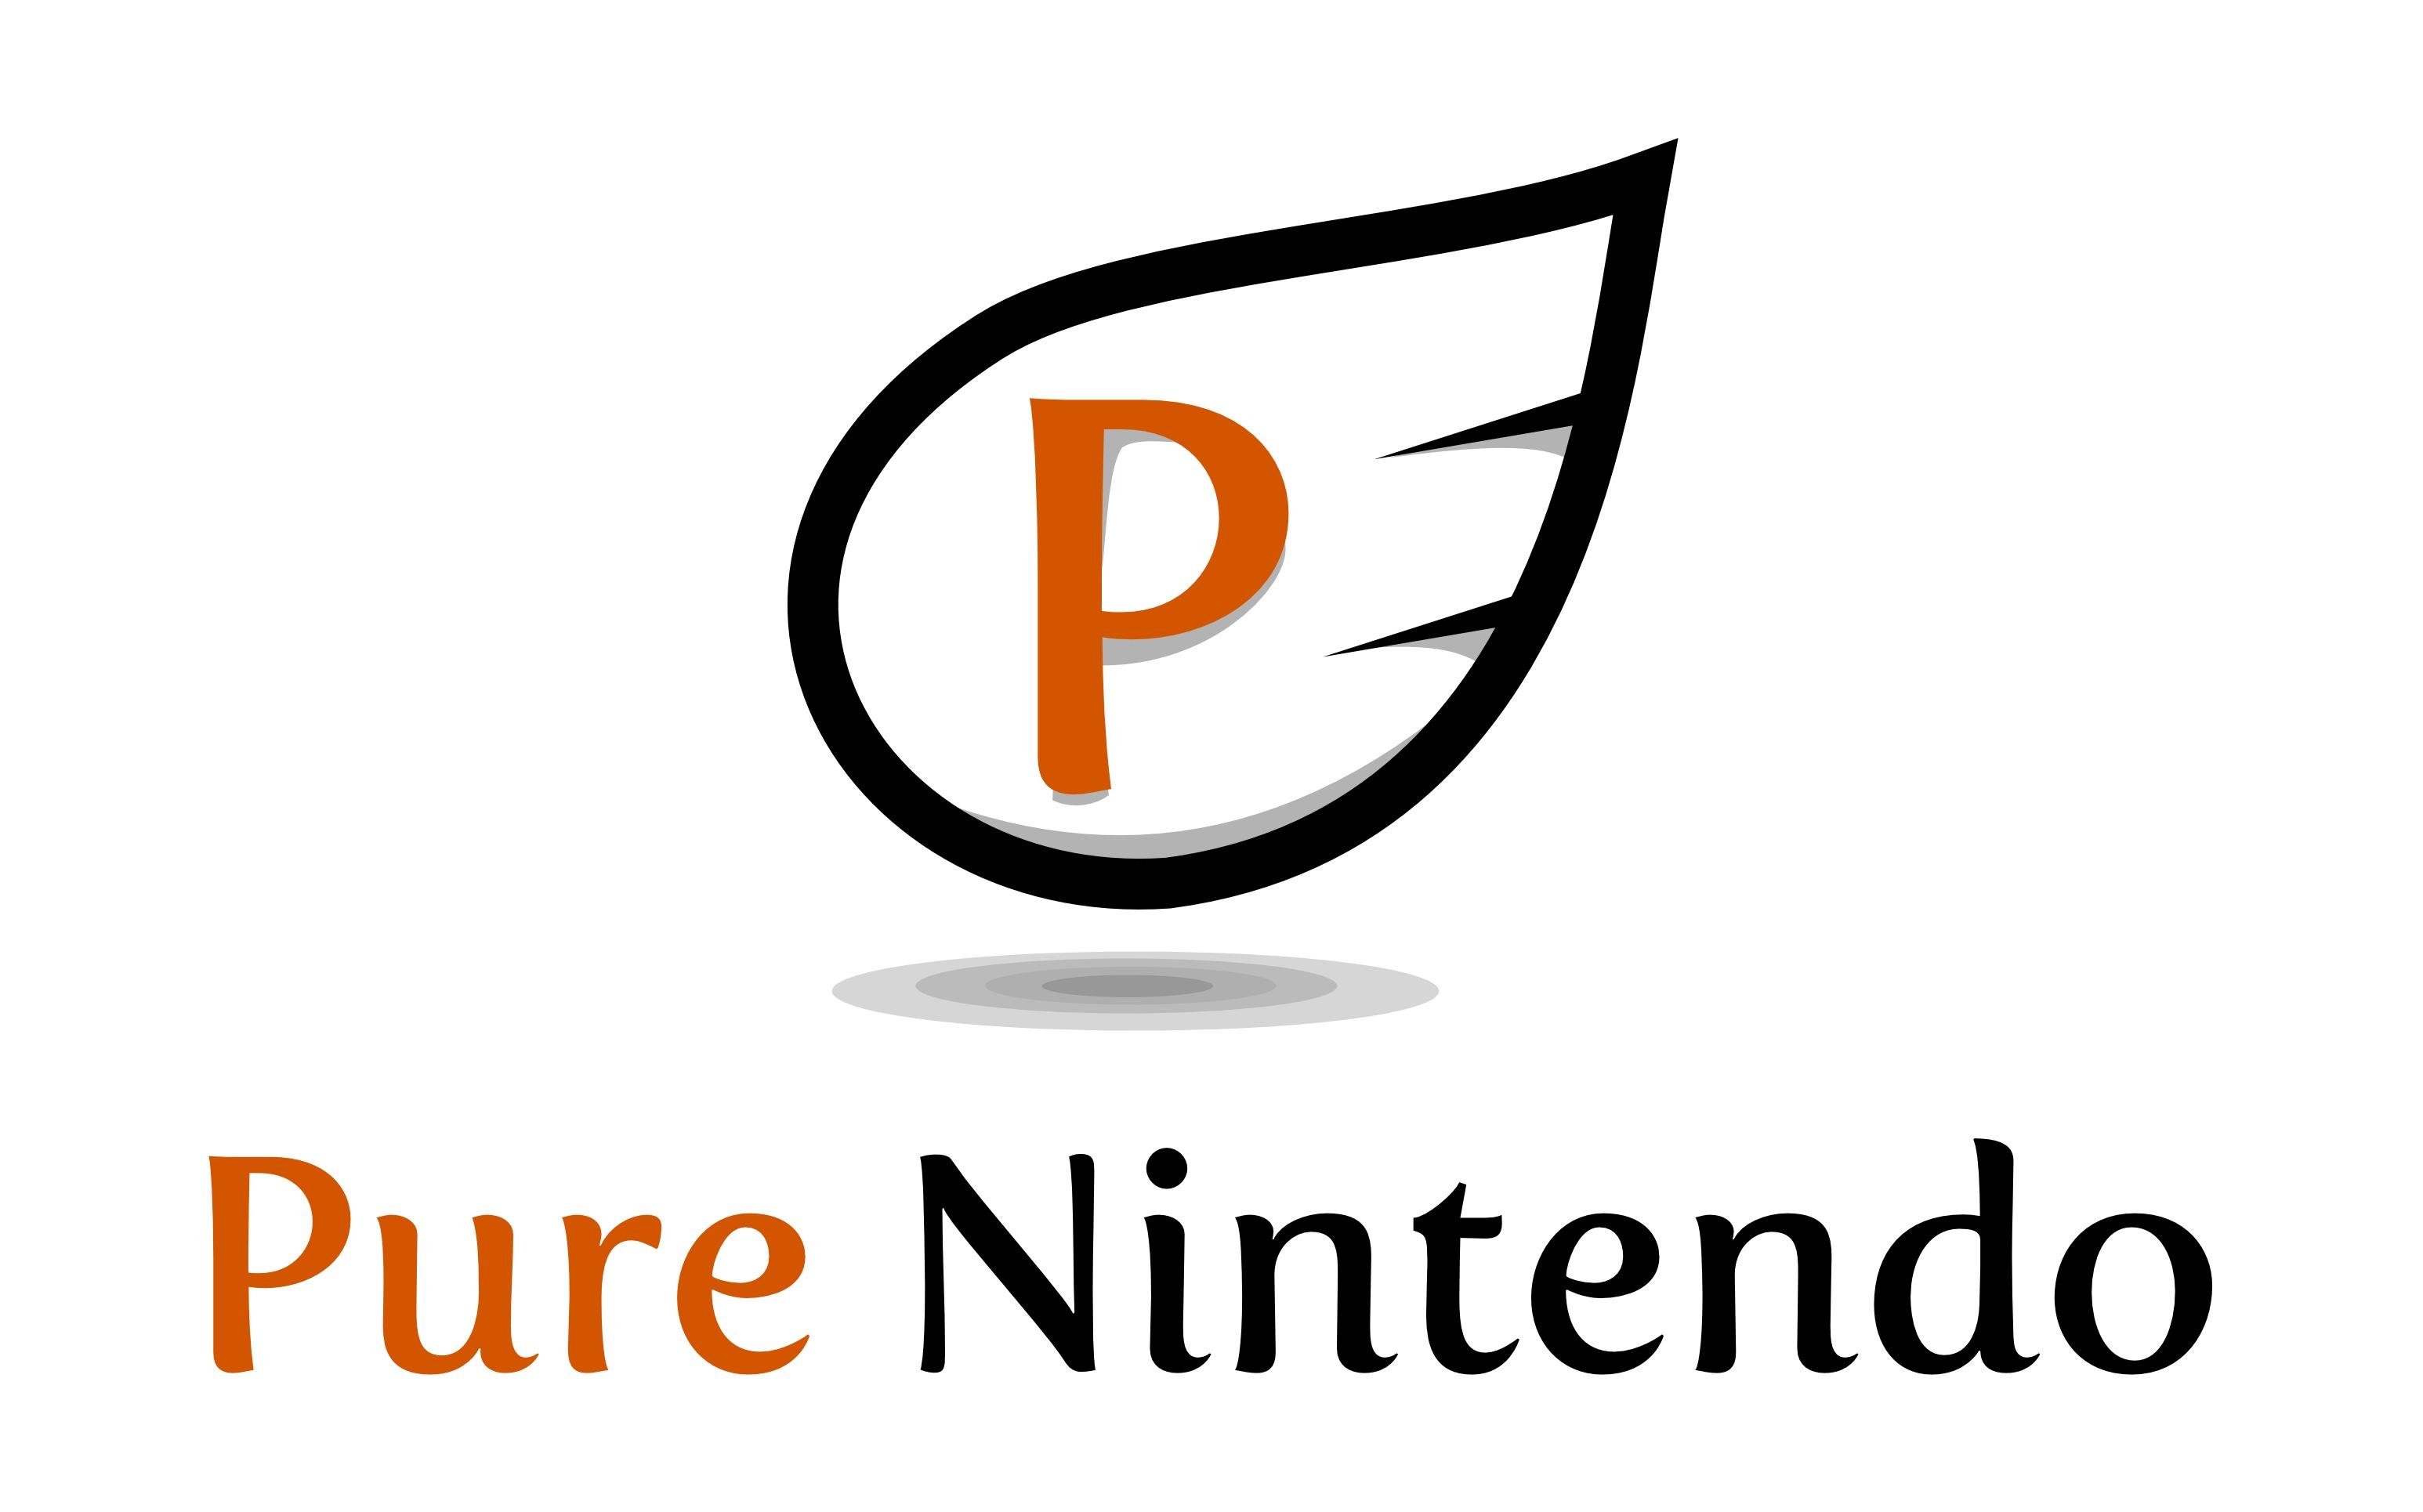 Pure Nintendo Magazine – The Beginning